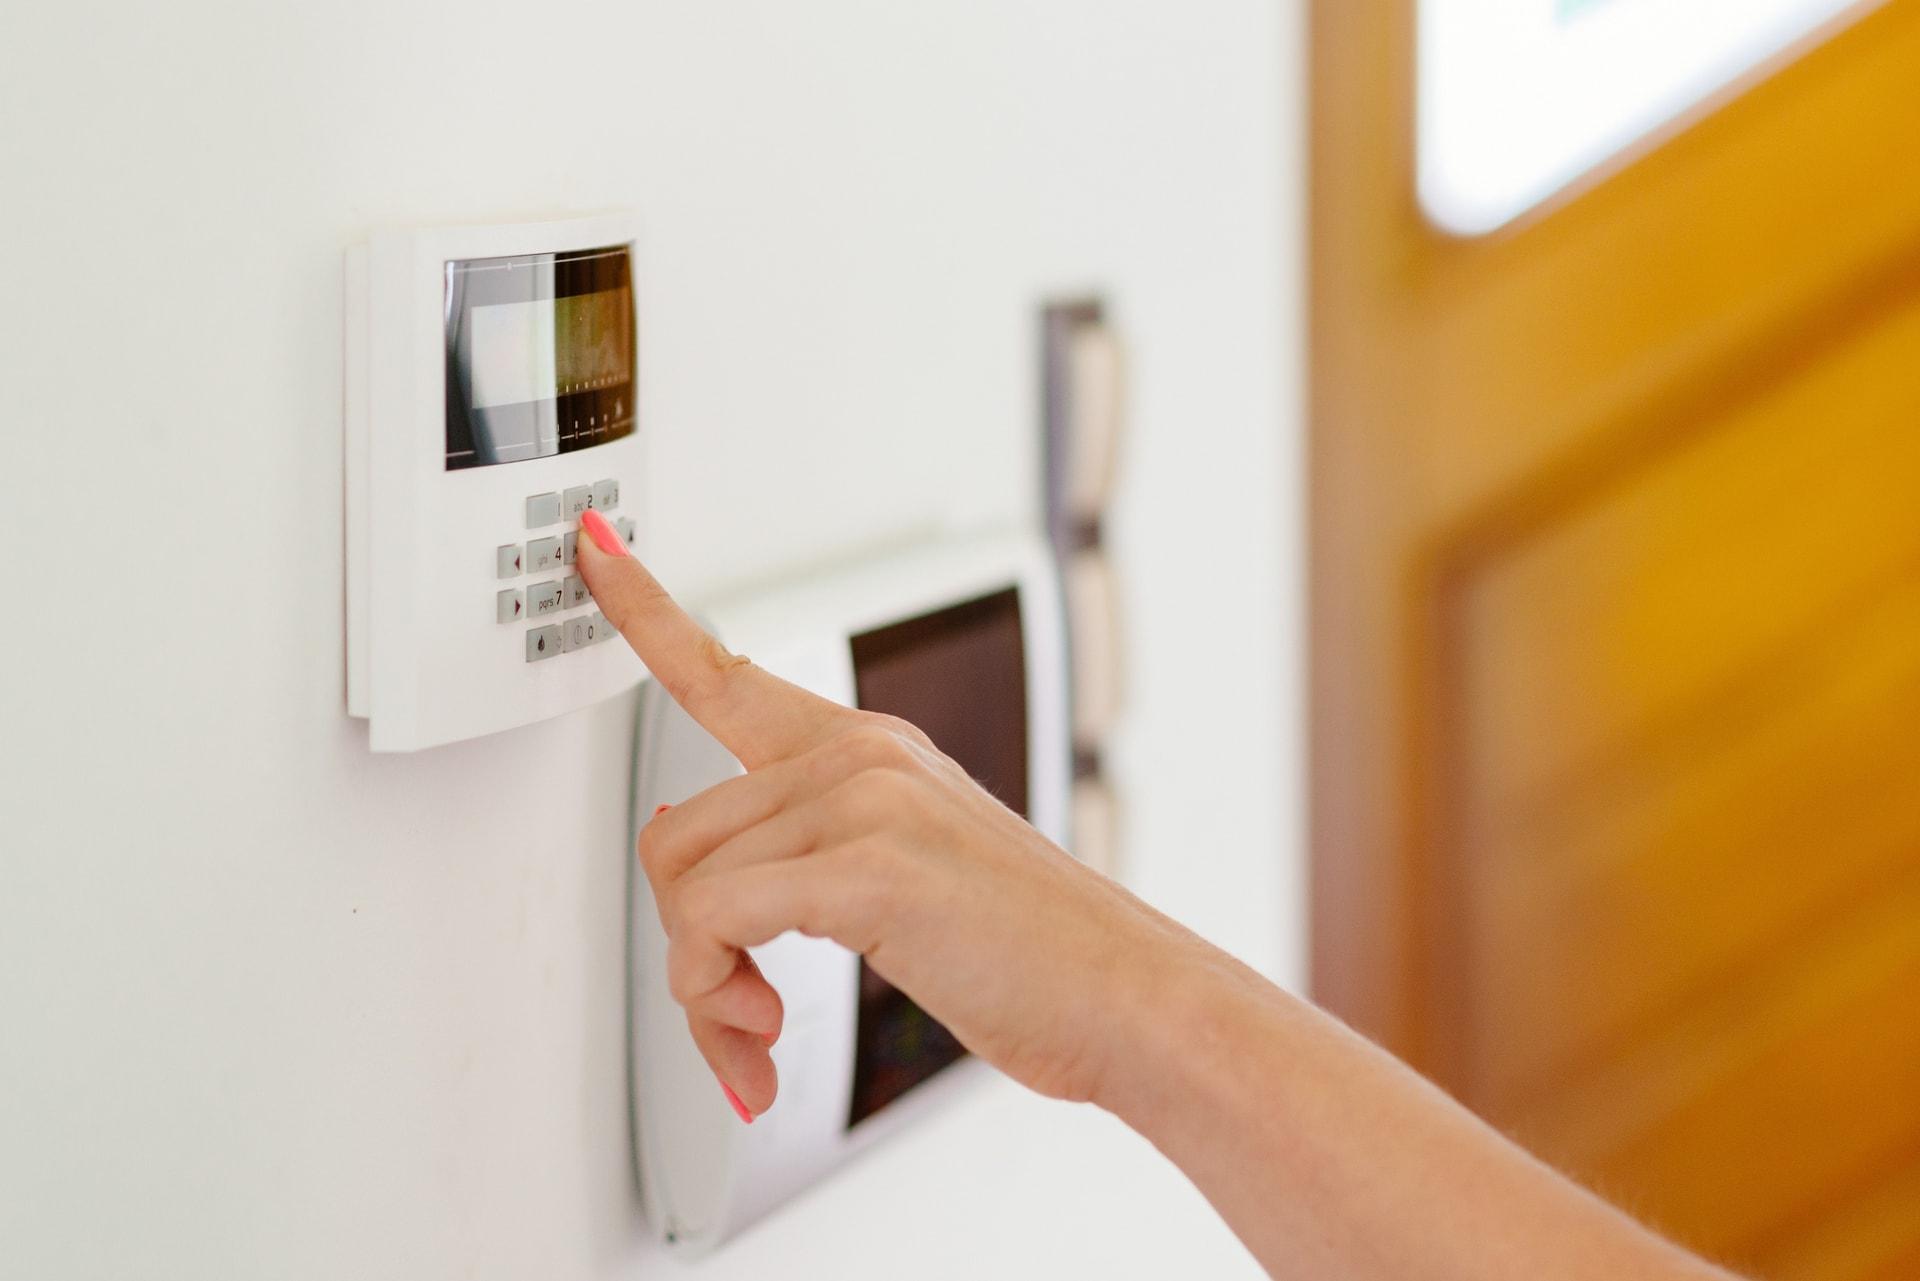 Vrouw tikt de code in van haar systeem voor huisbeveiliging van GW Security Group